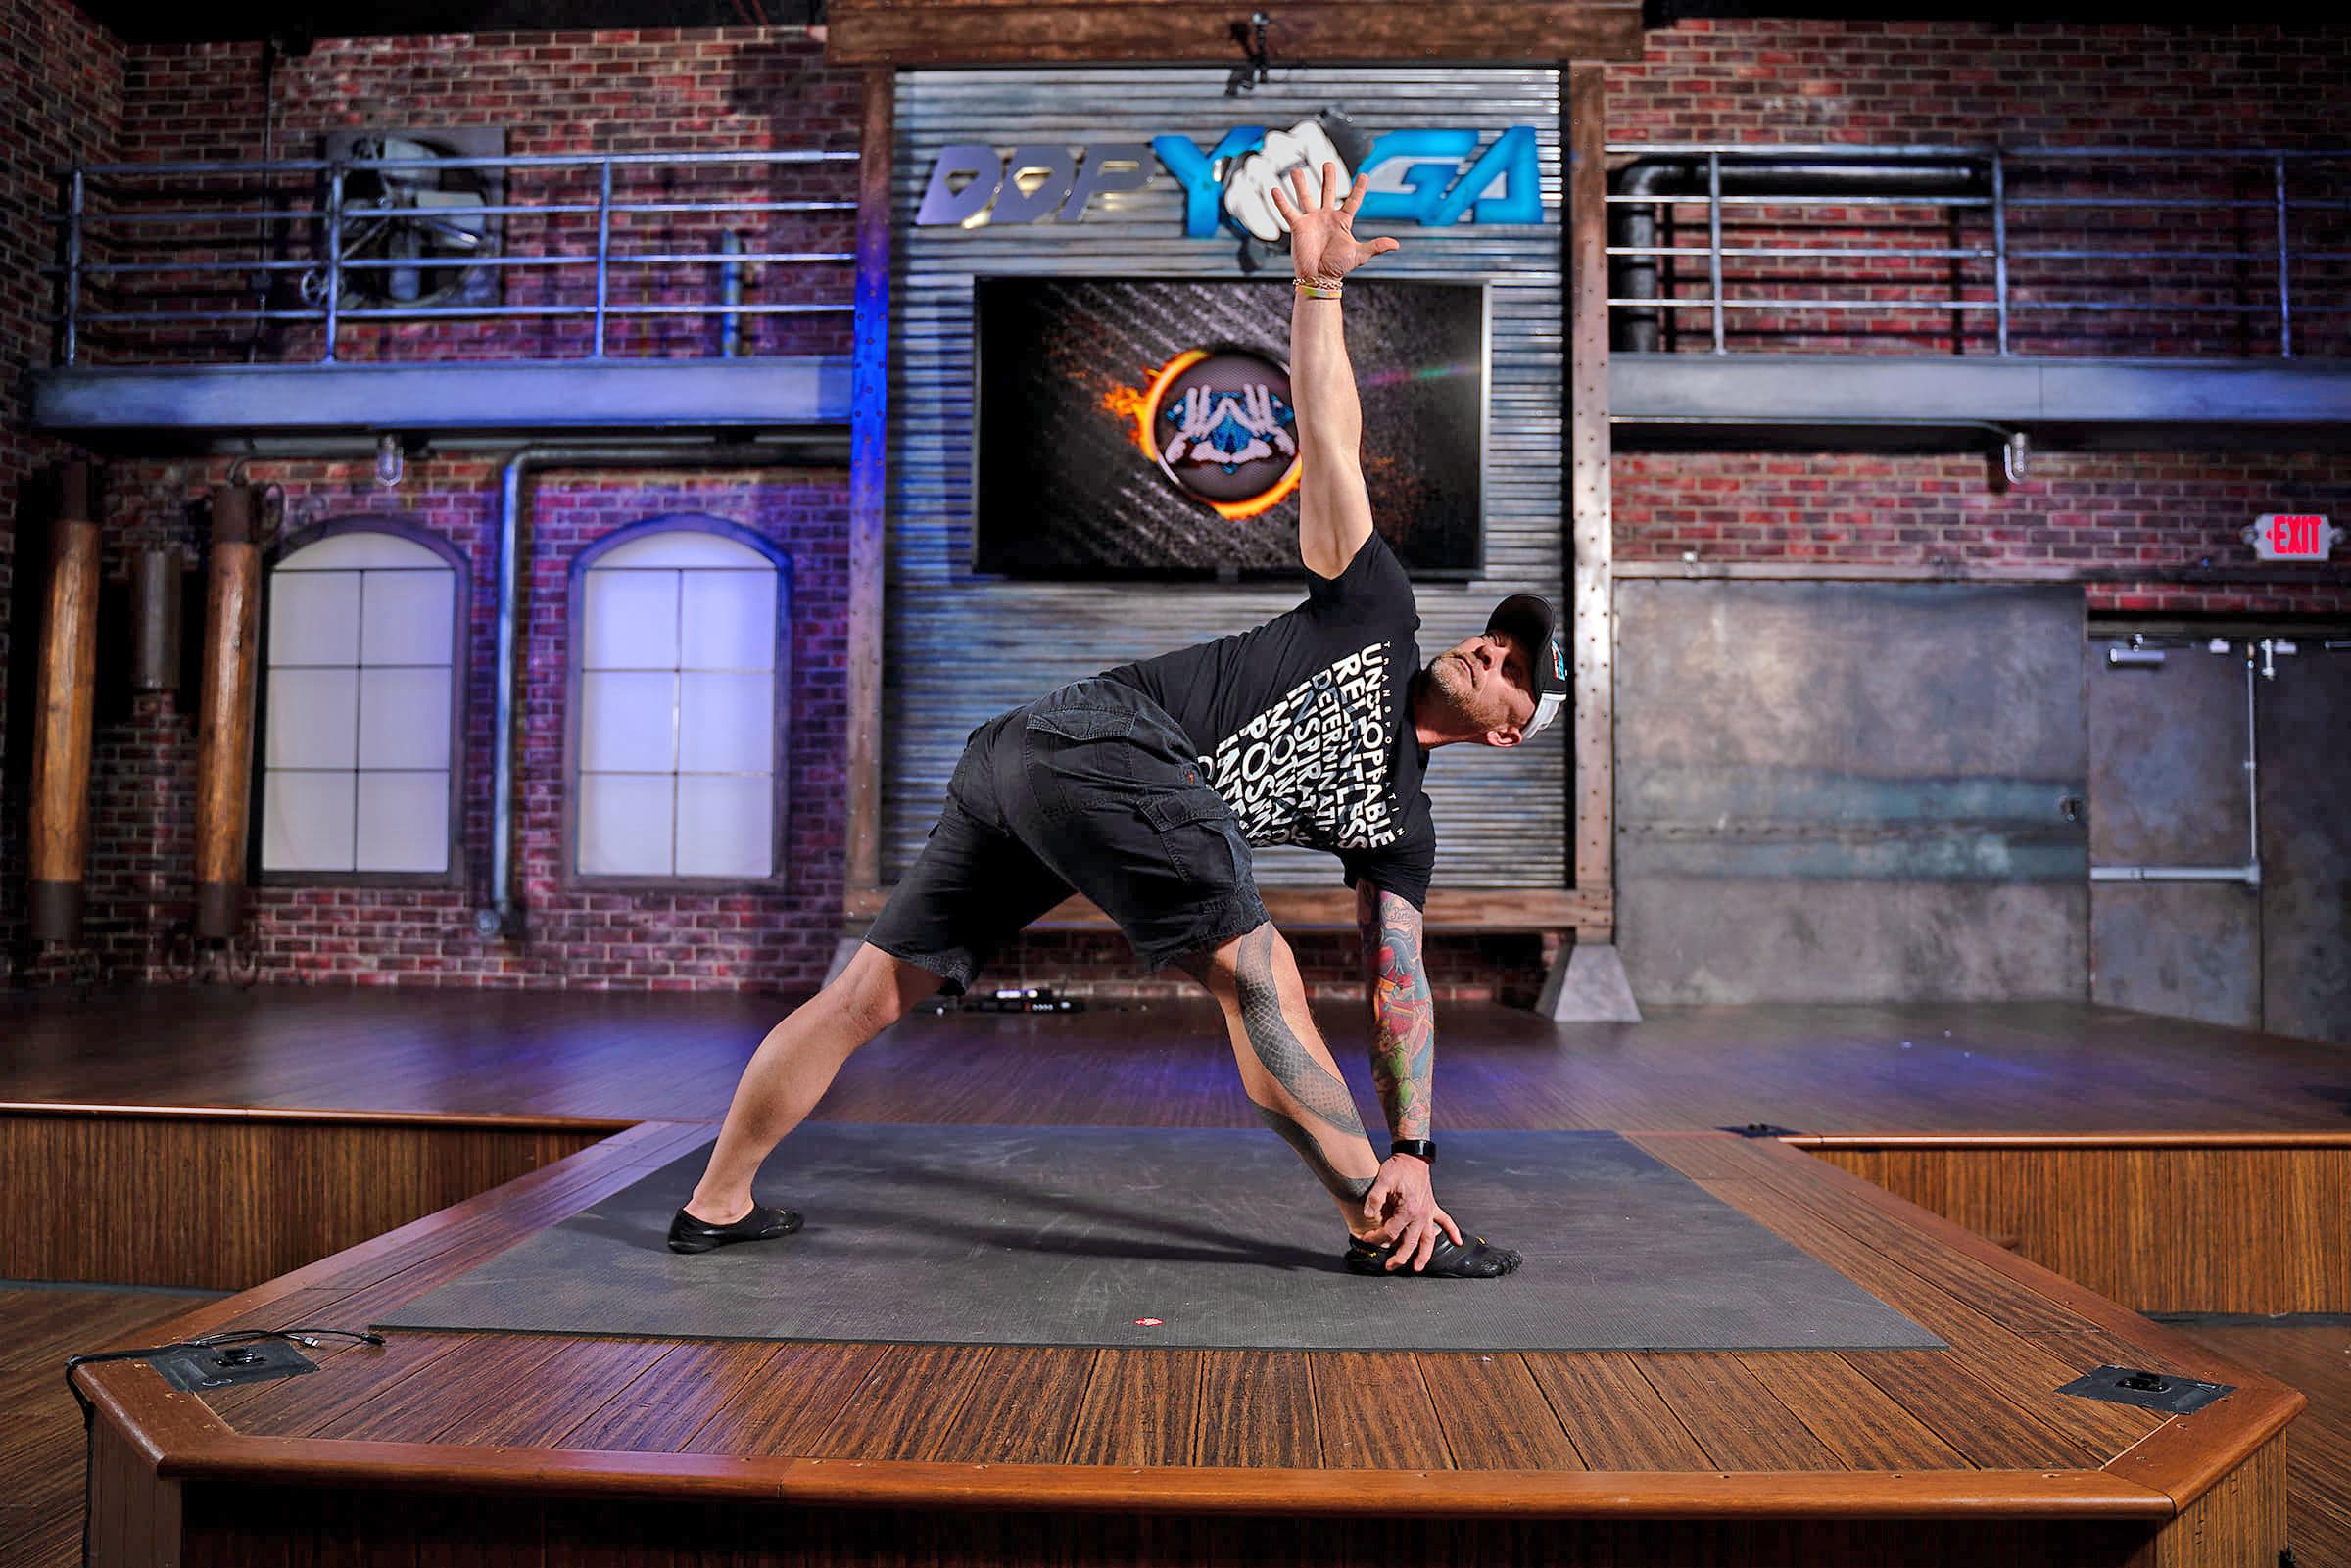 Mann i yogaposisjon